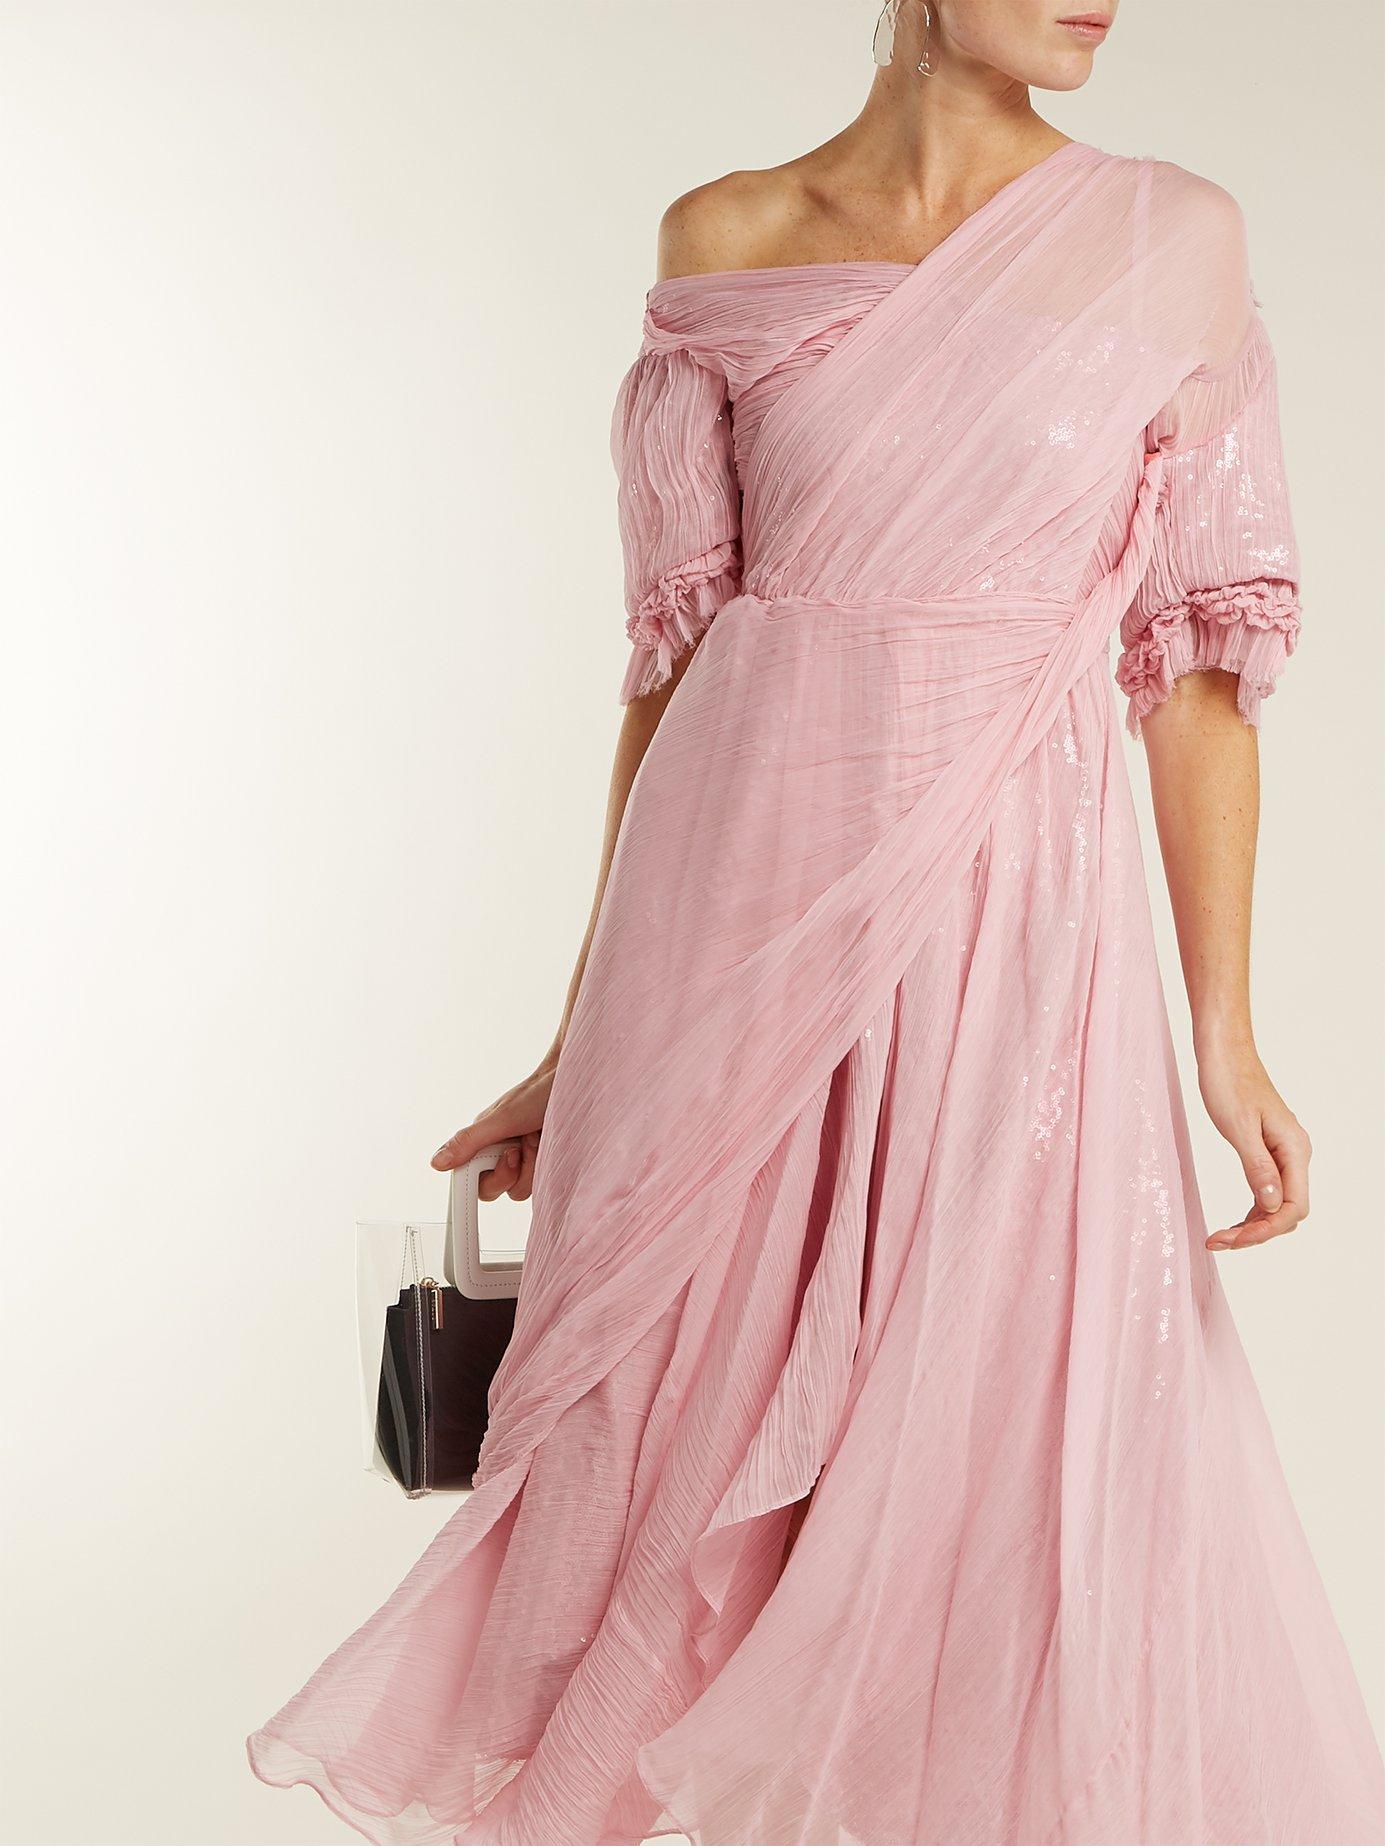 Moira asymmetric silk-chiffon dress by Preen By Thornton Bregazzi